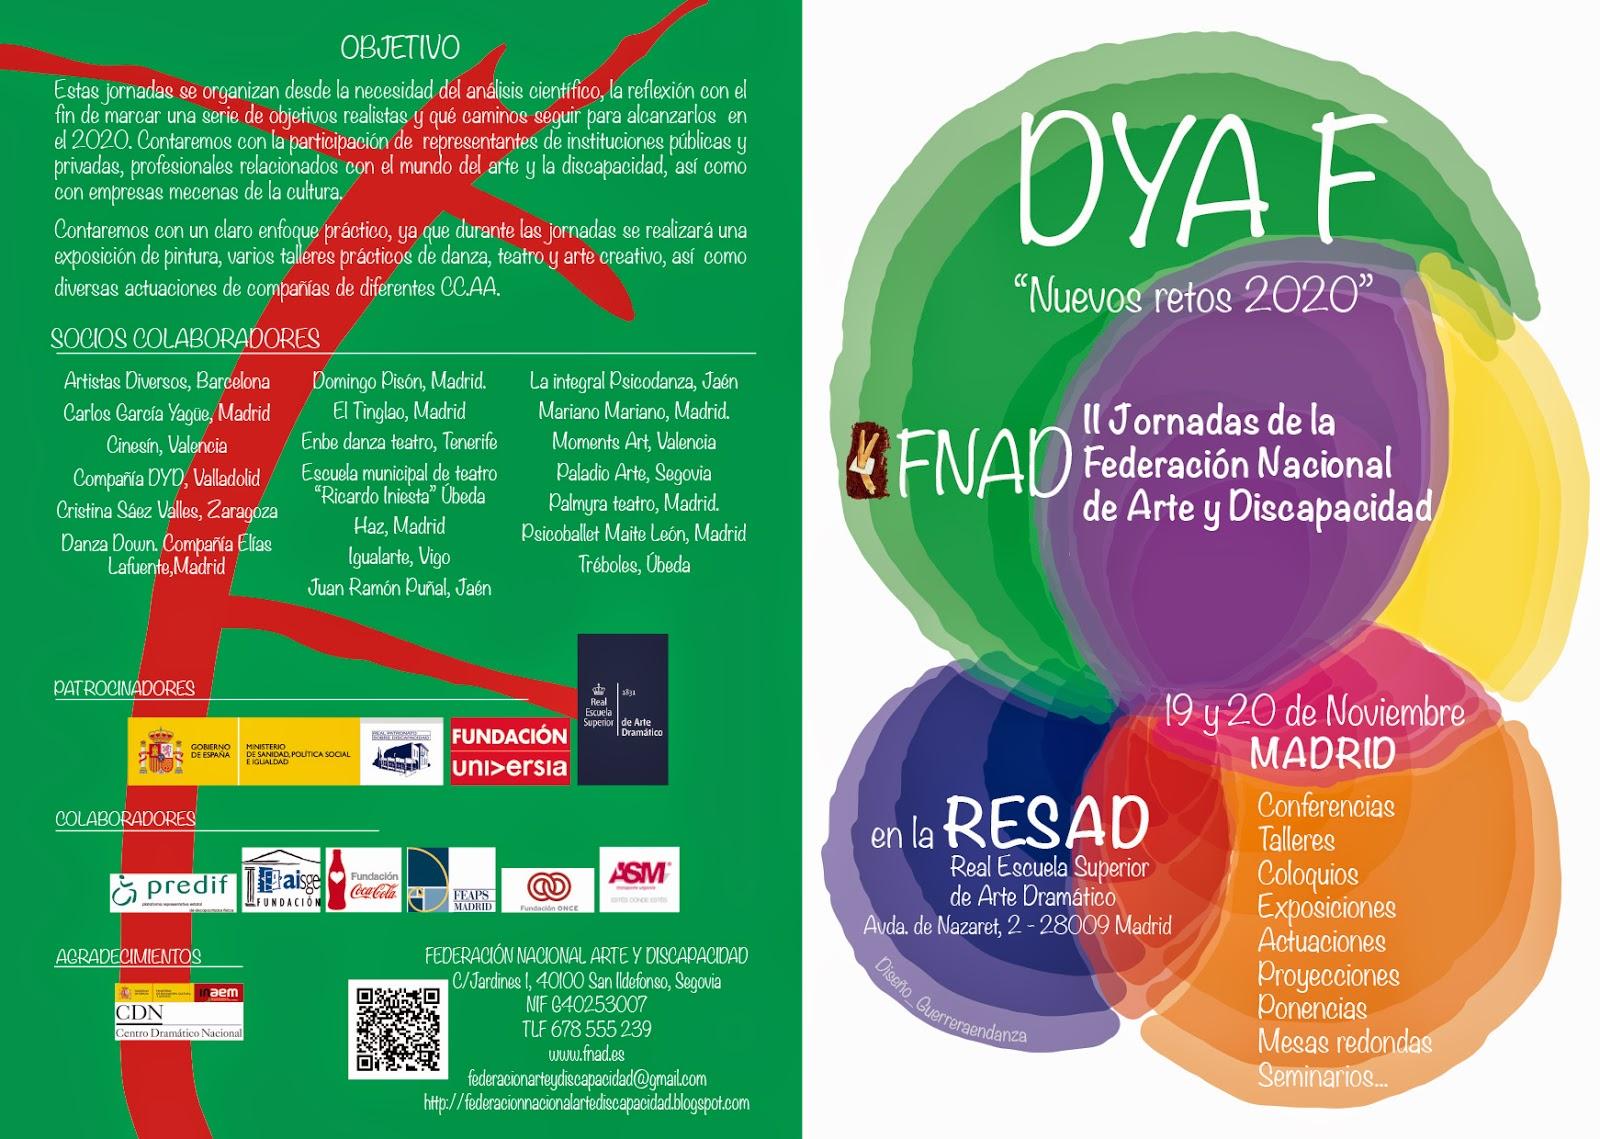 https://www.facebook.com/pages/FNAD-Federaci%C3%B3n-Nacional-de-Arte-y-Discapacidad/1483852208508036?fref=ts